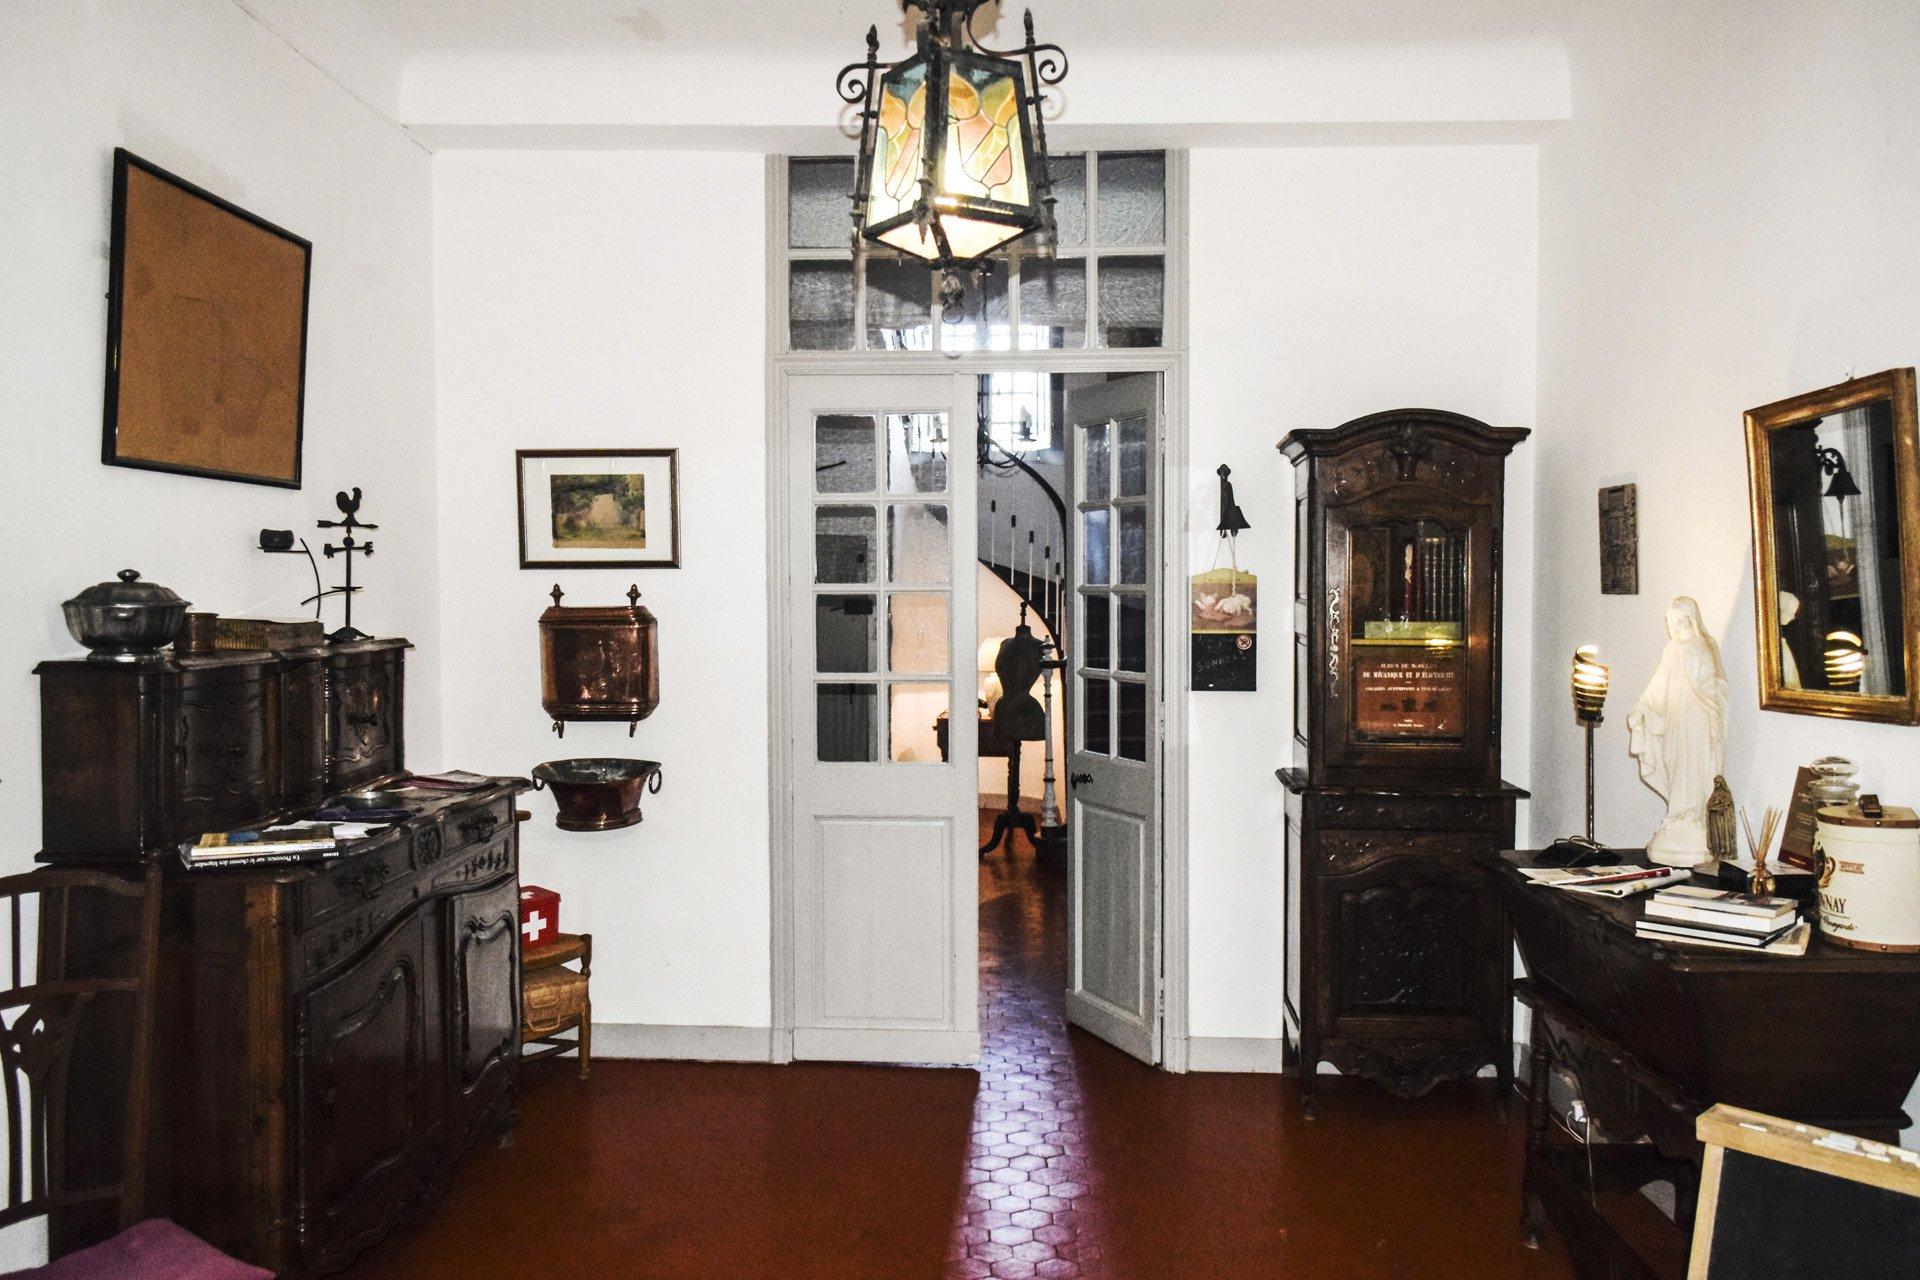 entrée Bastide 18 ième siècle 750 m², sur 2 ha chambres d'hôtes, le luc, var, provence